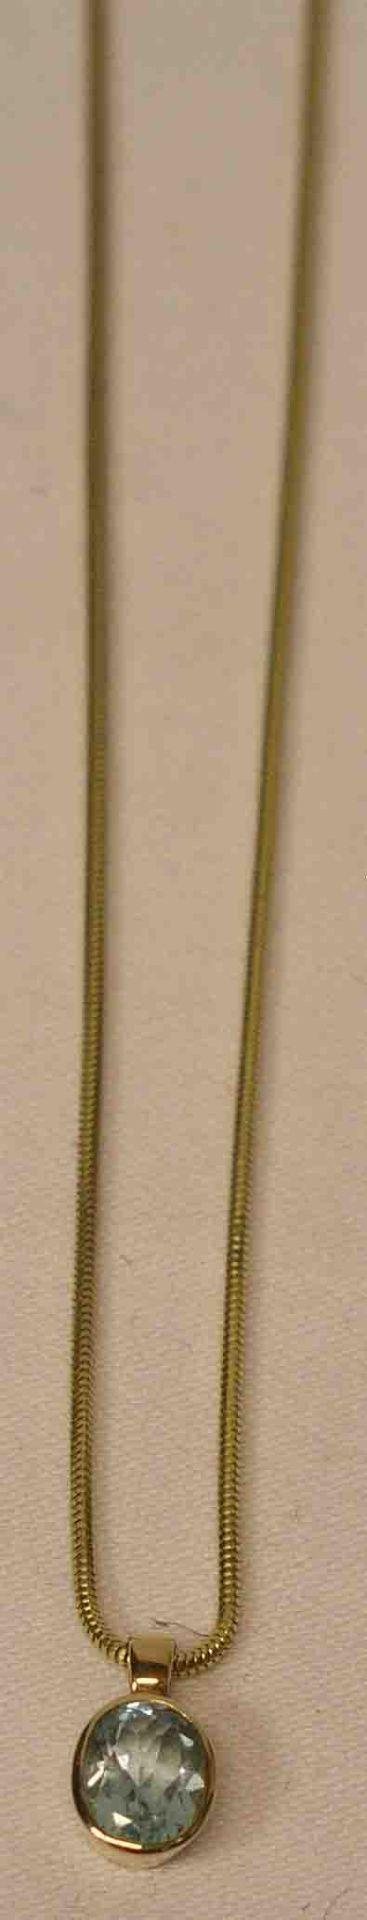 Halskette, Gelbgold mit Anhänger, 14